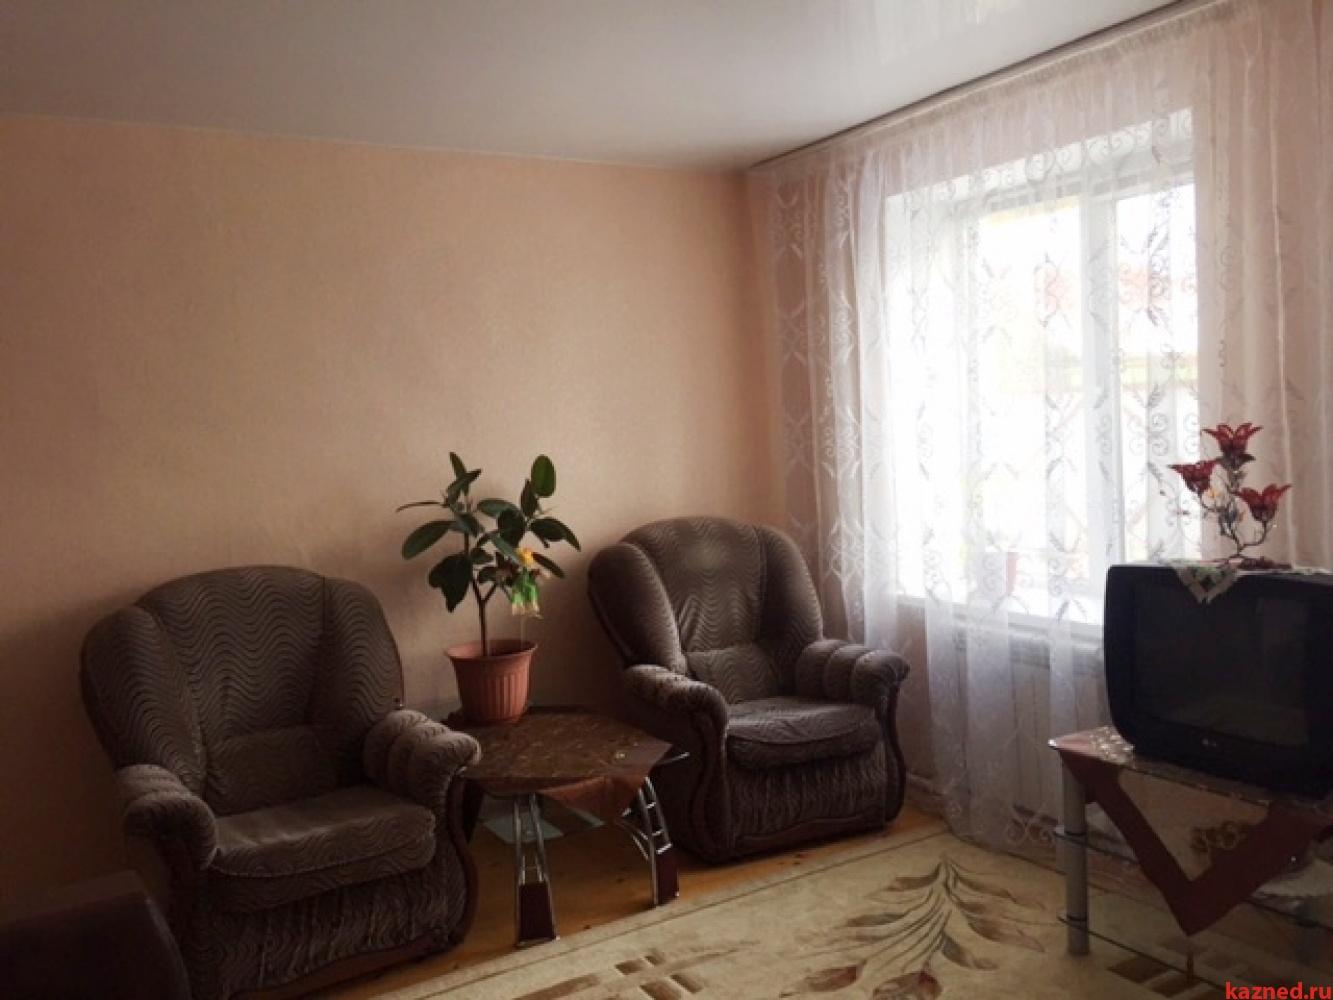 Продажа  Дома пос.Залесный, ул. Варшавская, 115 м2  (миниатюра №5)